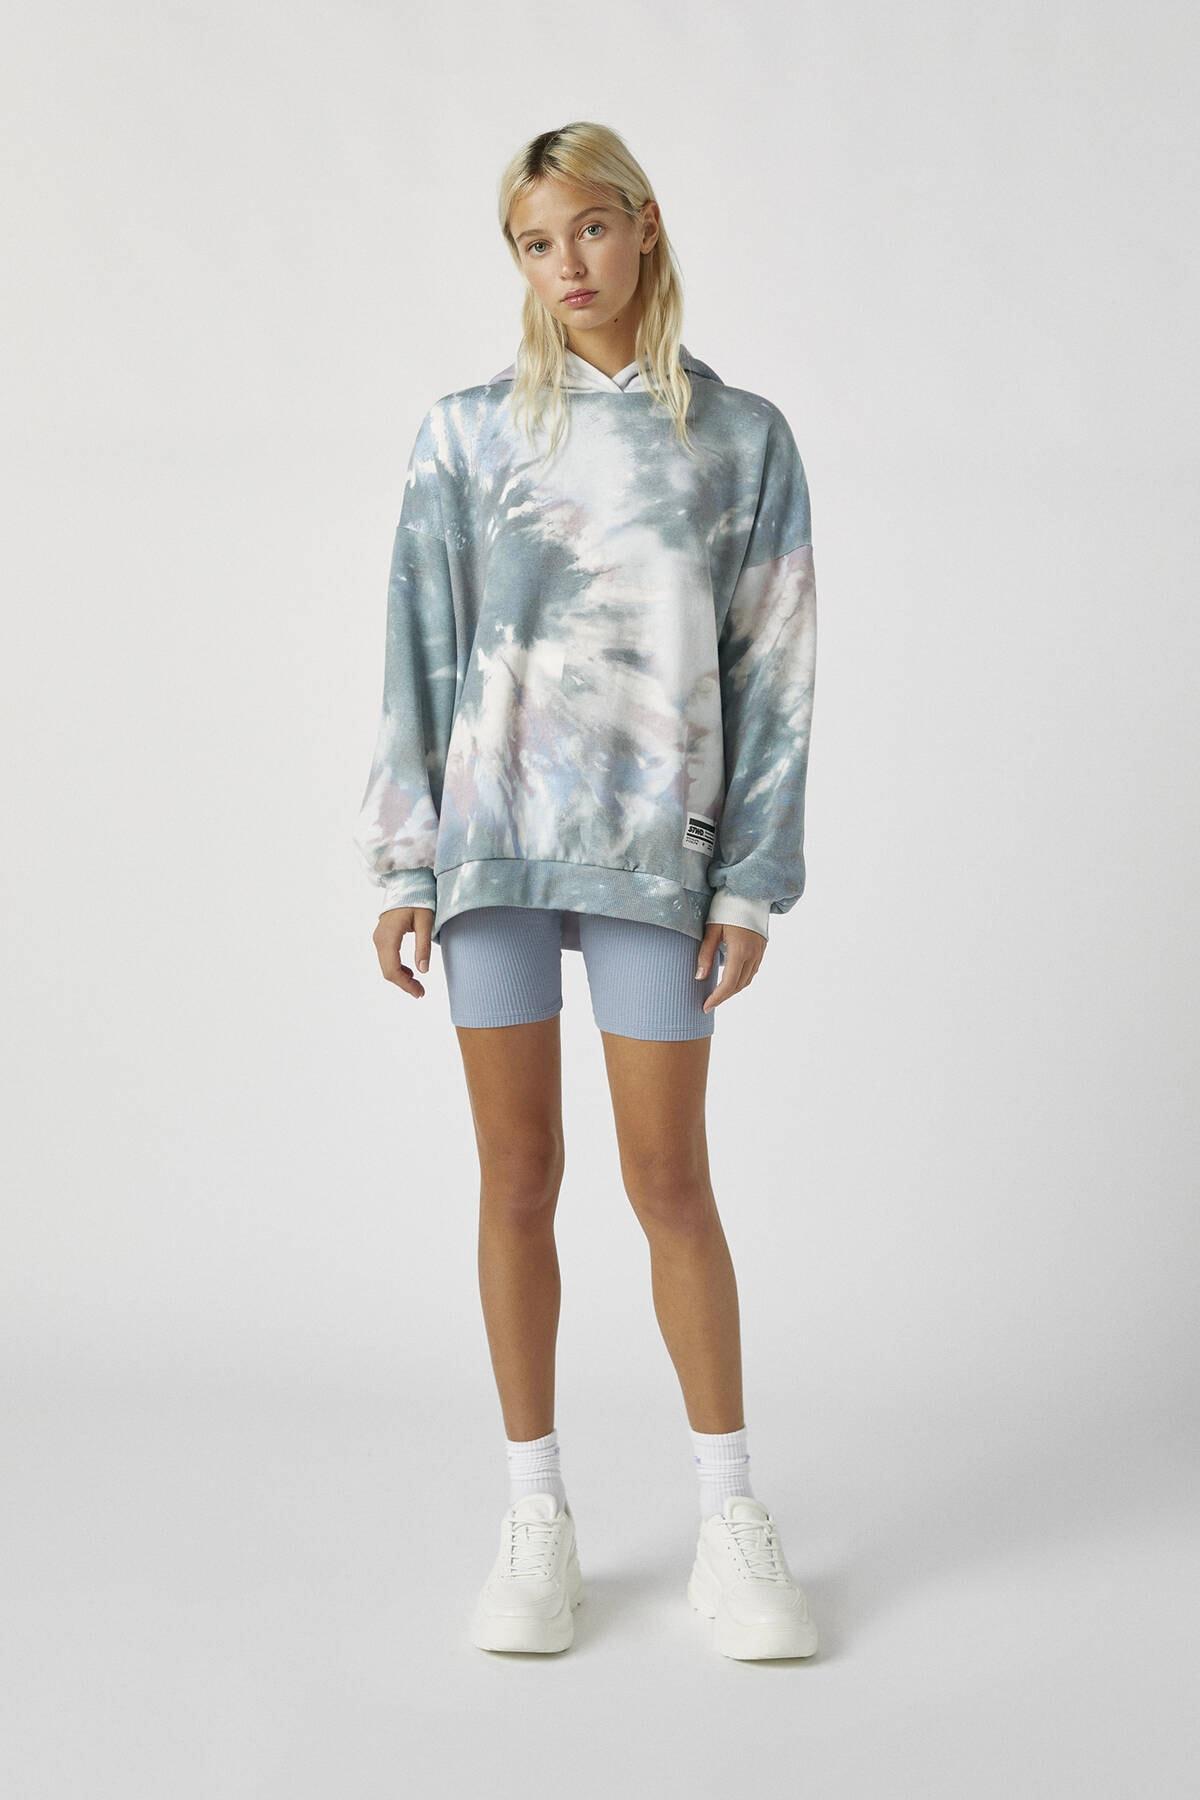 Pull & Bear Kadın Renkli İşlemeli Etiketli Batik Kapüşonlu Sweatshirt 09594320 1